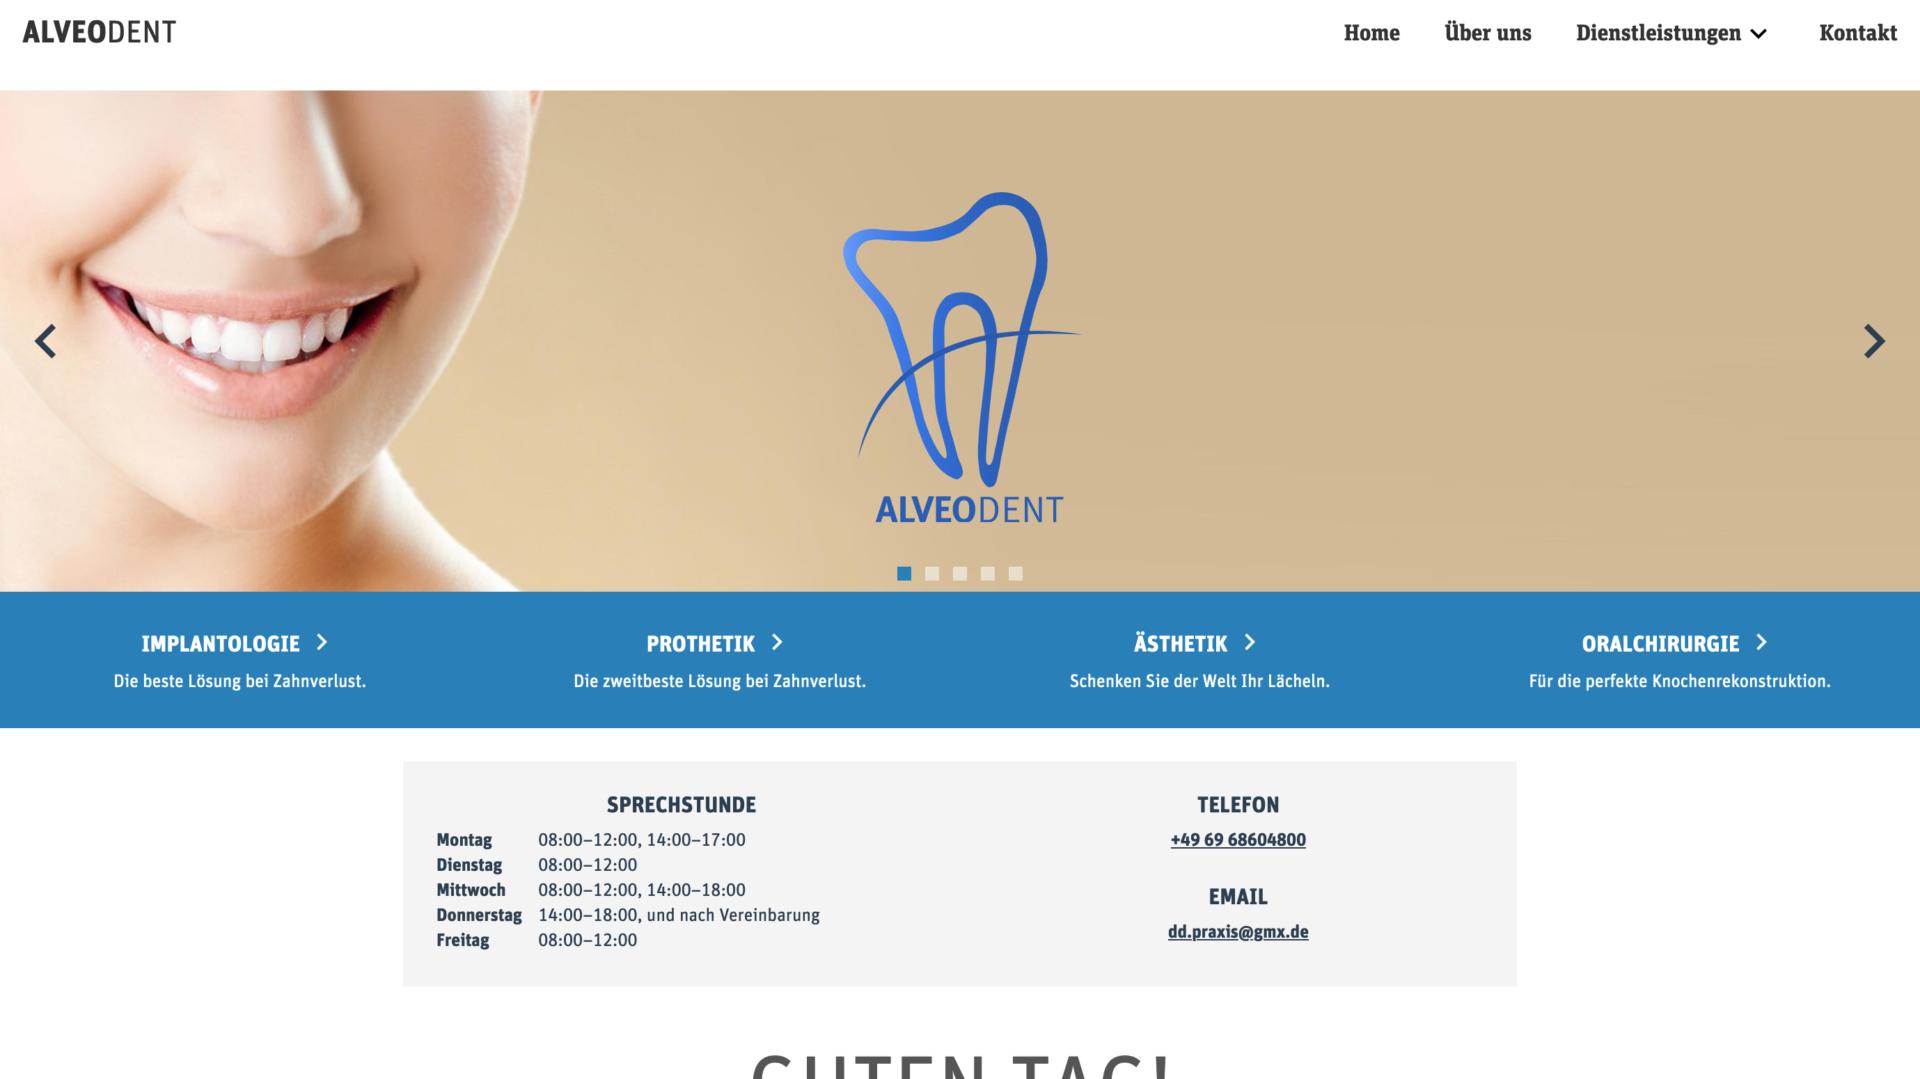 alveodent